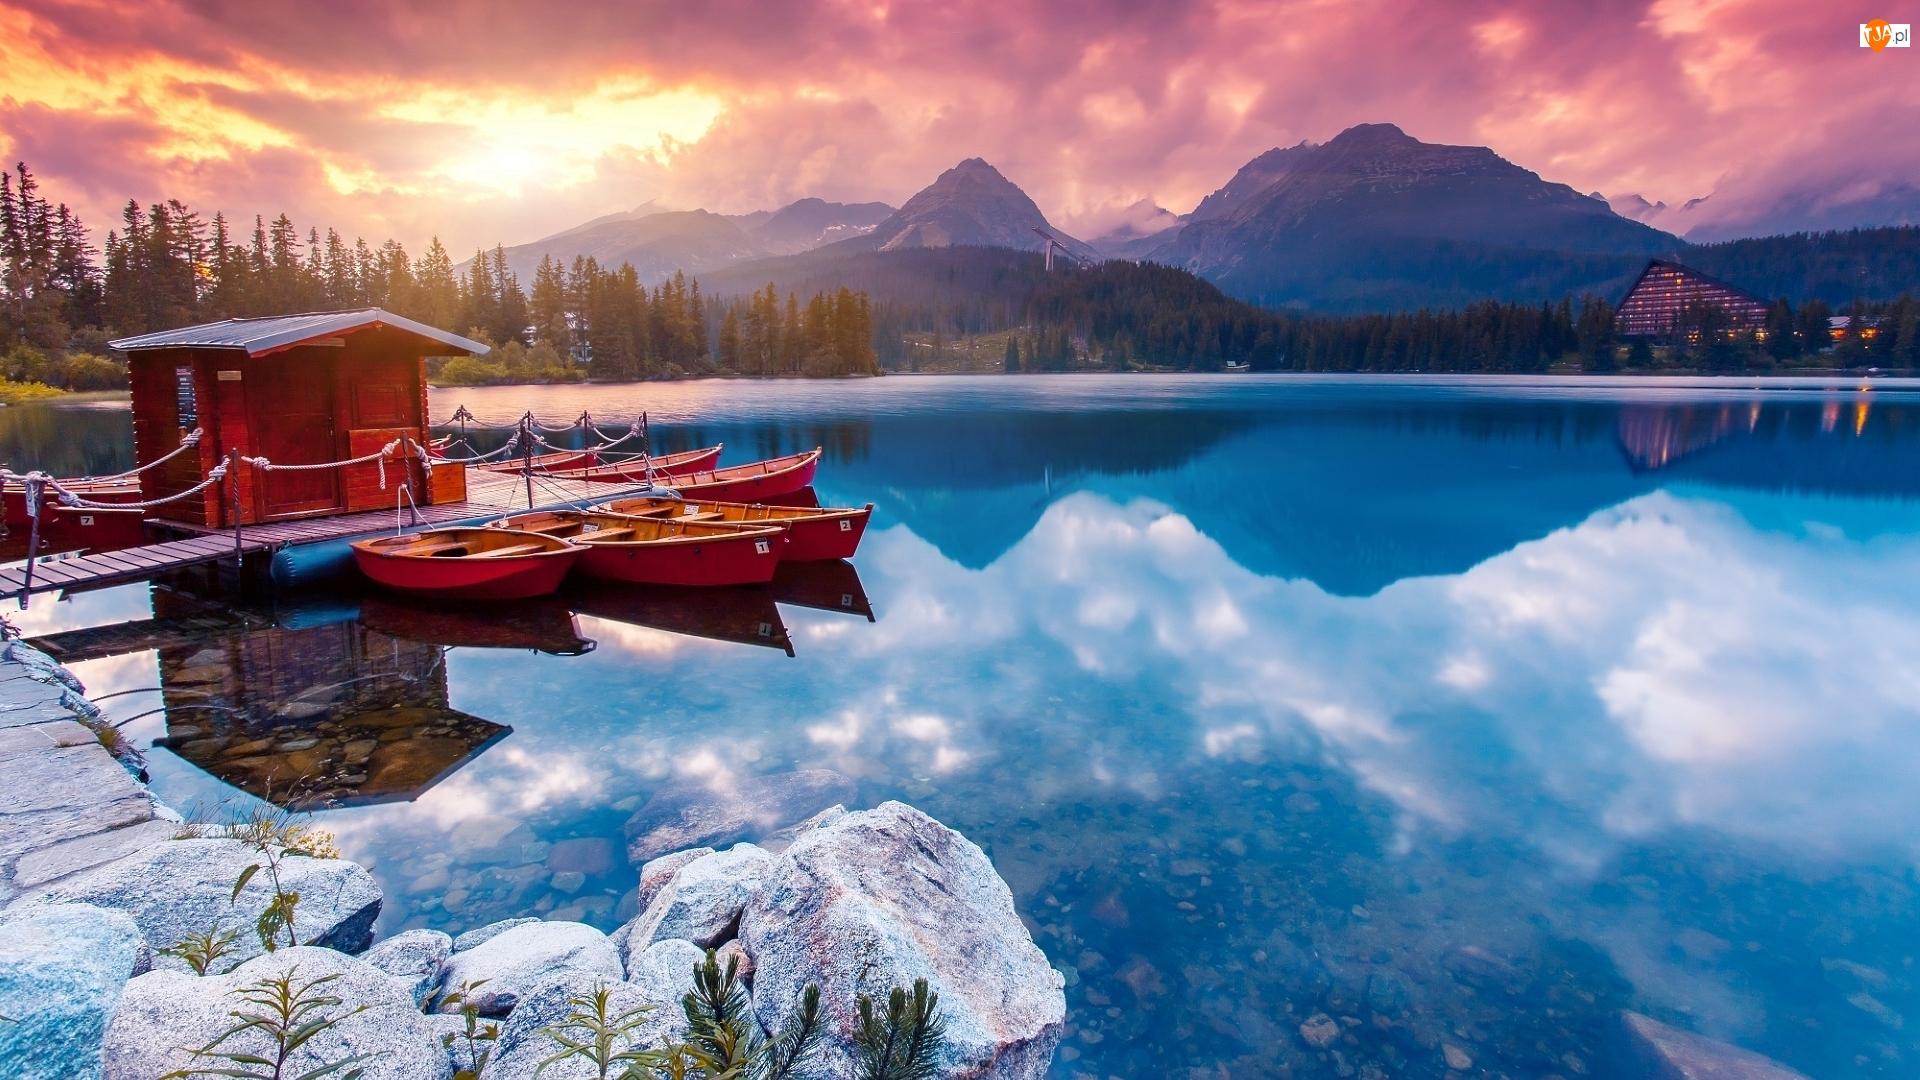 Lódki, Jezioro Szczyrbskie, Drzewa, Tatrzański Park Narodowy, Góry, Przystań, Słowacja, Tatry Wysokie